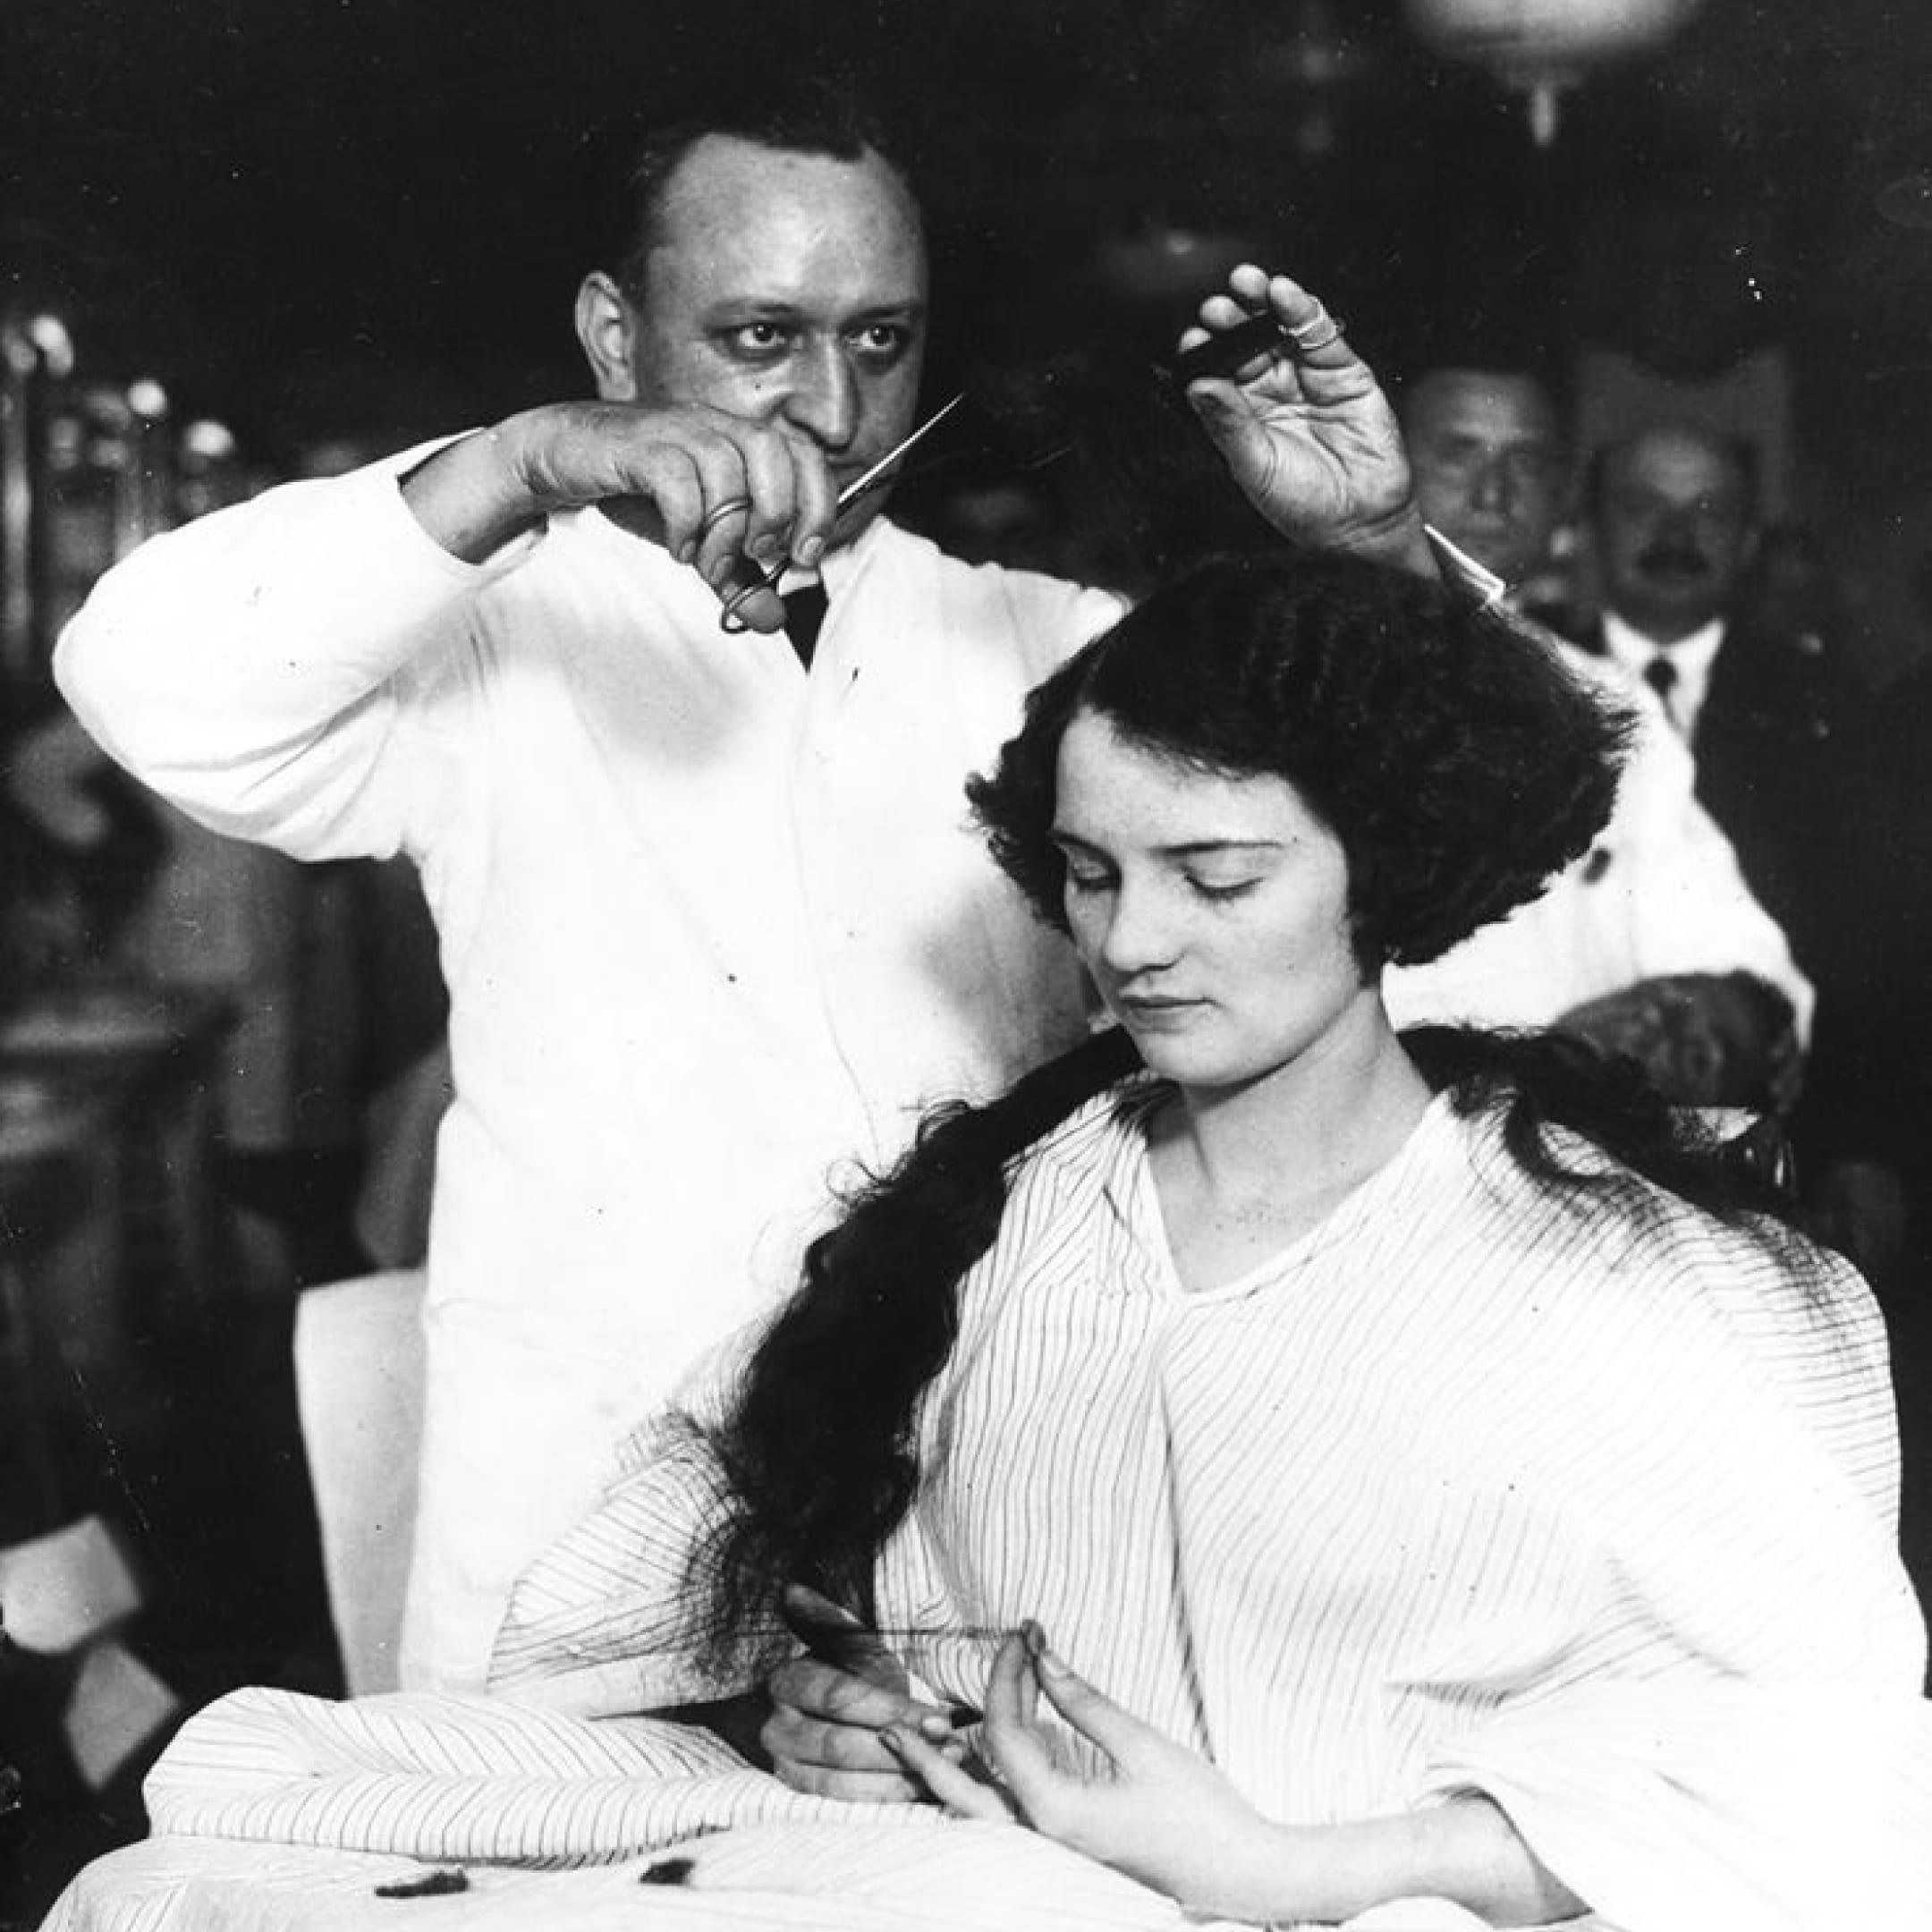 Женщине делают прическу «боб», ок. 1920. Вероятно, уэтой клиентки короткие волосы были впервые сдетского возраста. Источник: Сьюзан Дж. Винсент, «Волосы: иллюстрированная история»